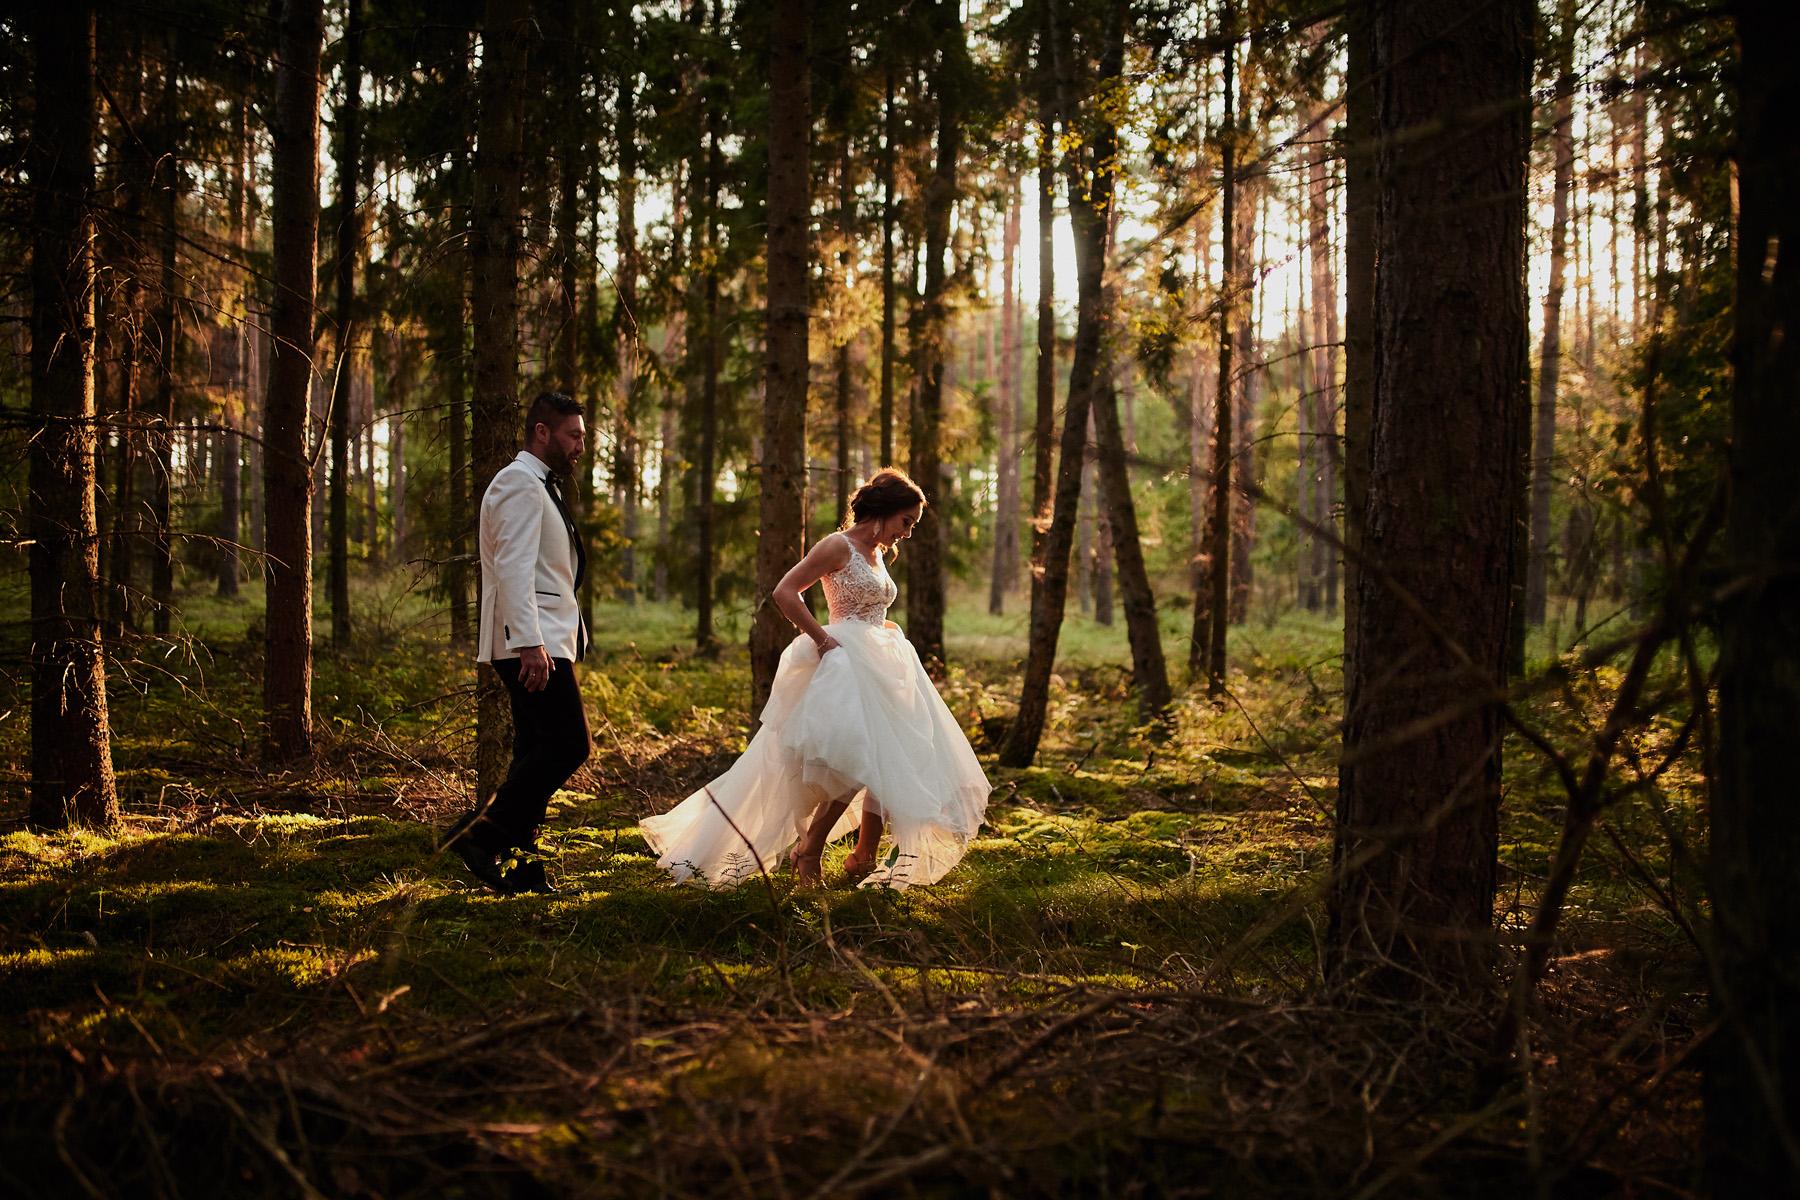 Anna i Krzysztof - Sesja - 012.jpg